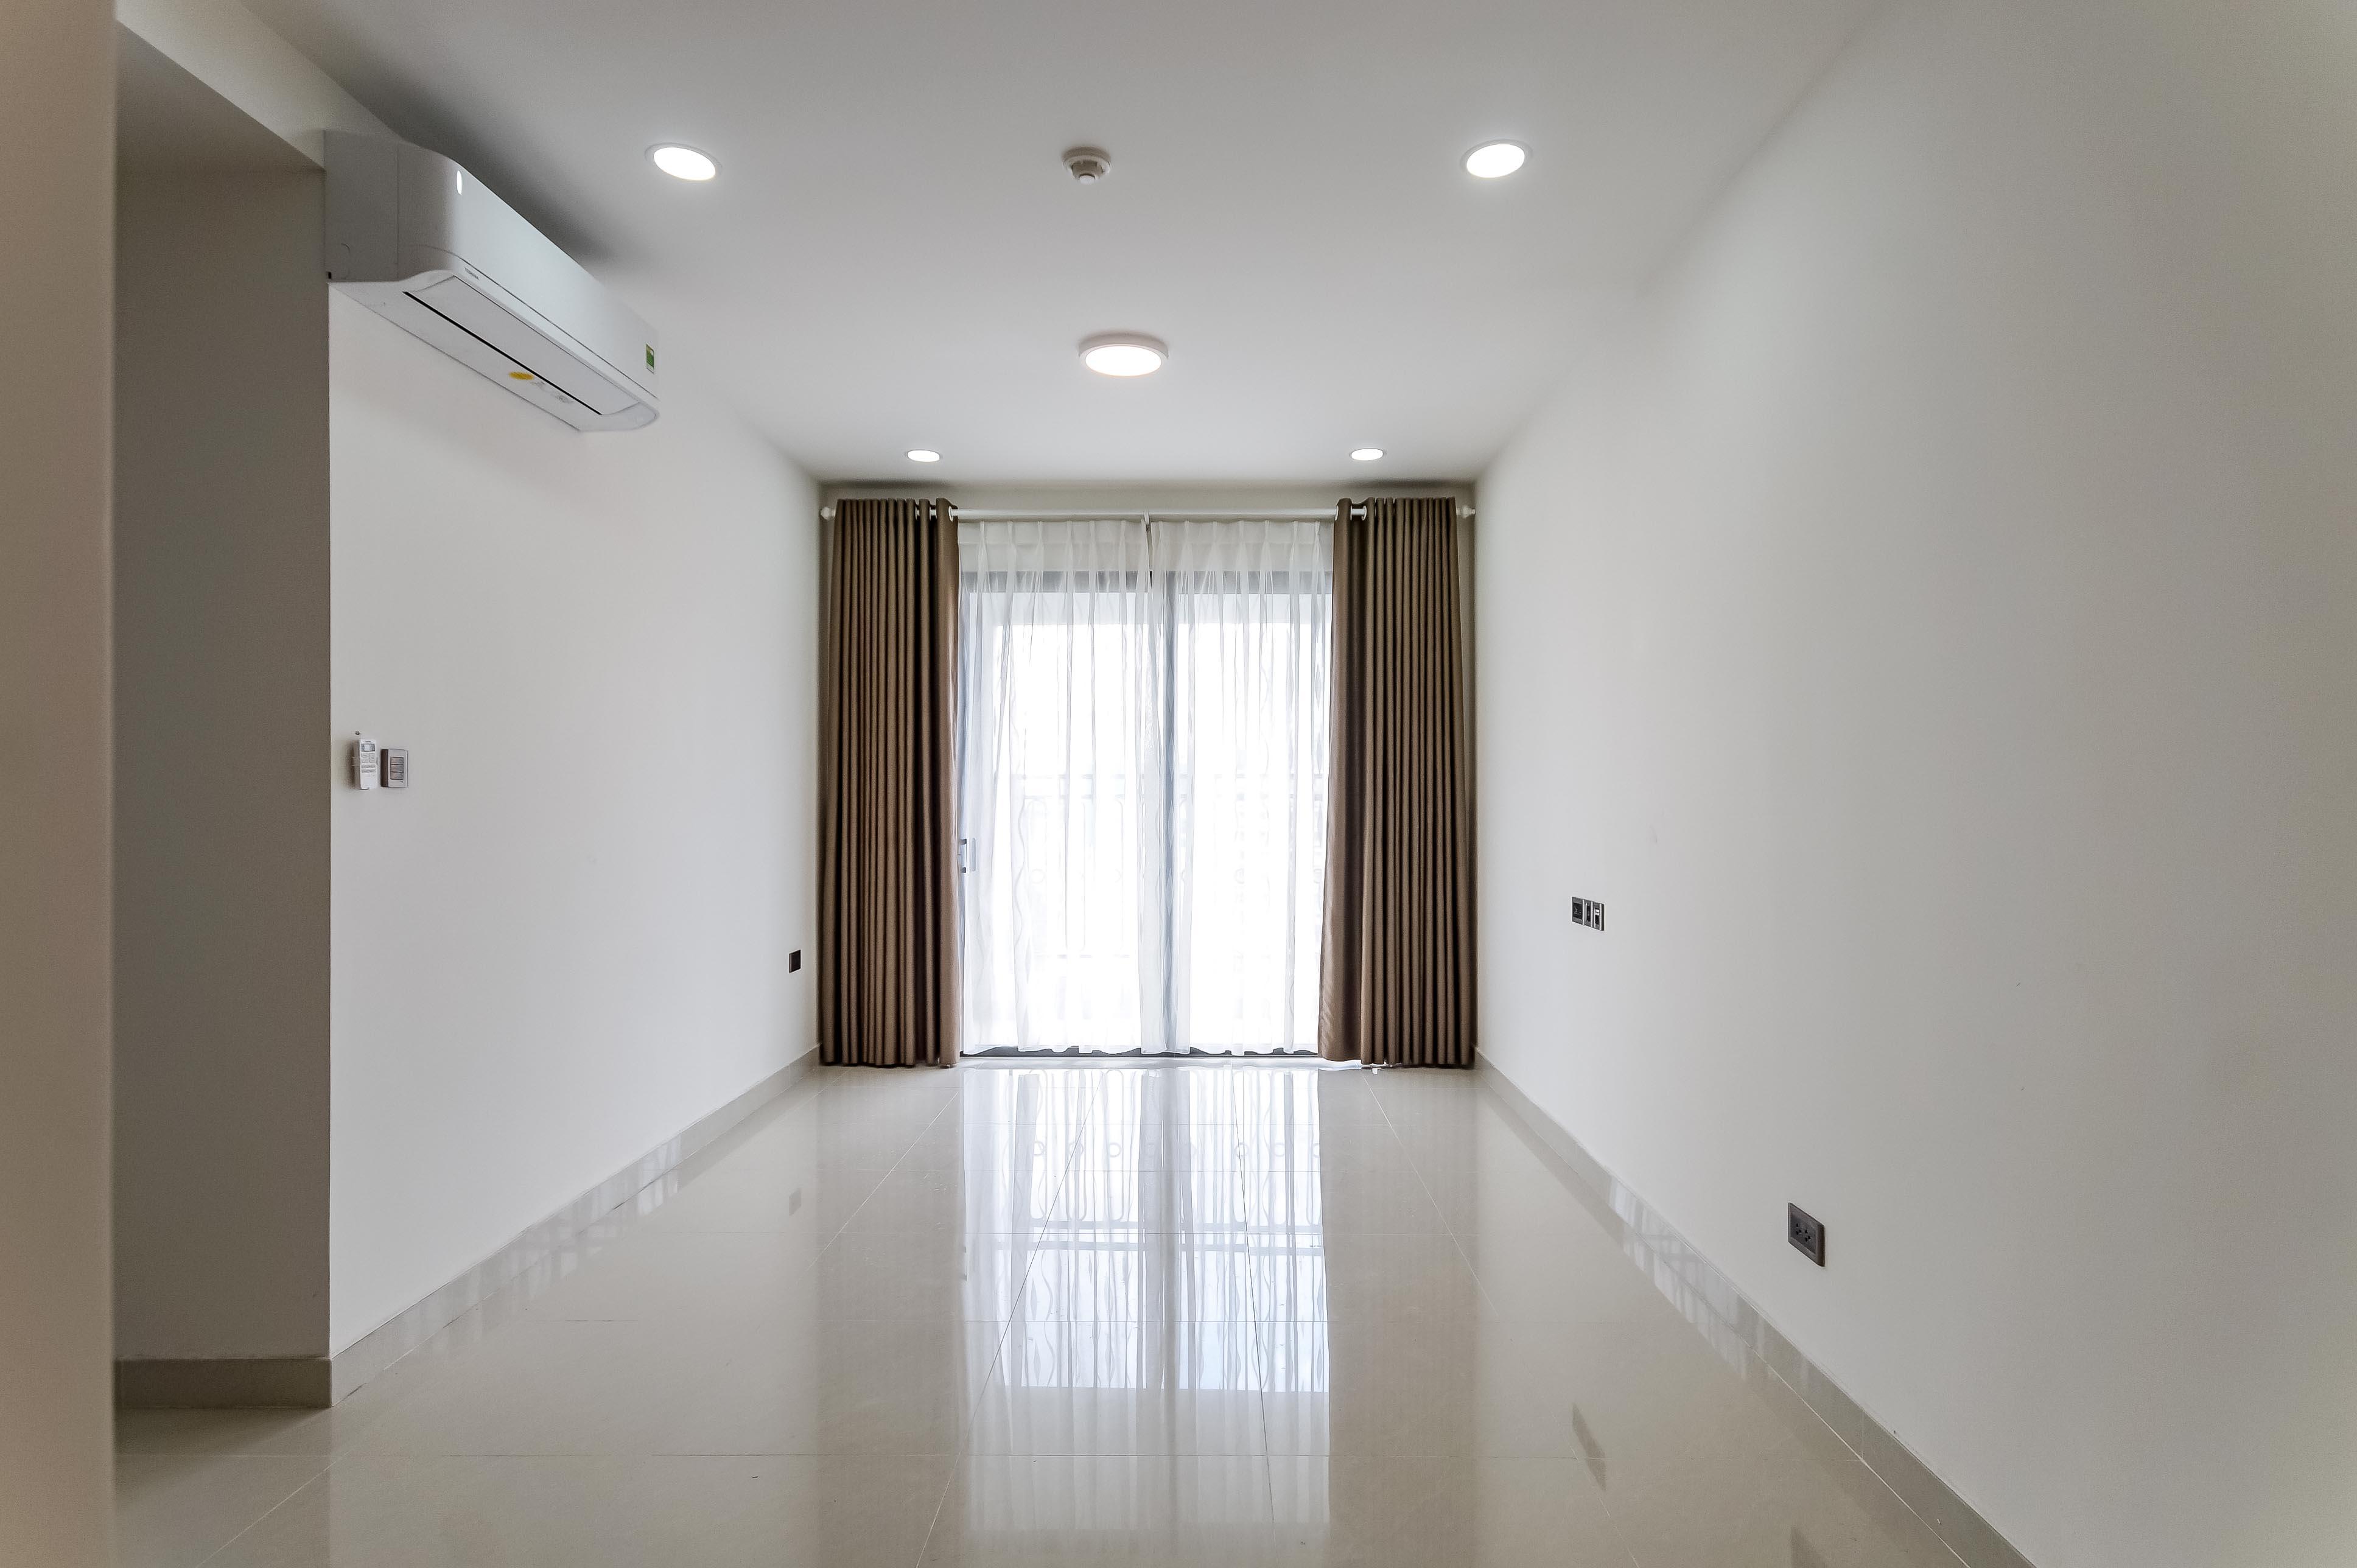 Căn hộ 2 PN Saigon Royal Residence - Không Nội Thất & Tràn Ngập Ánh Sáng-1